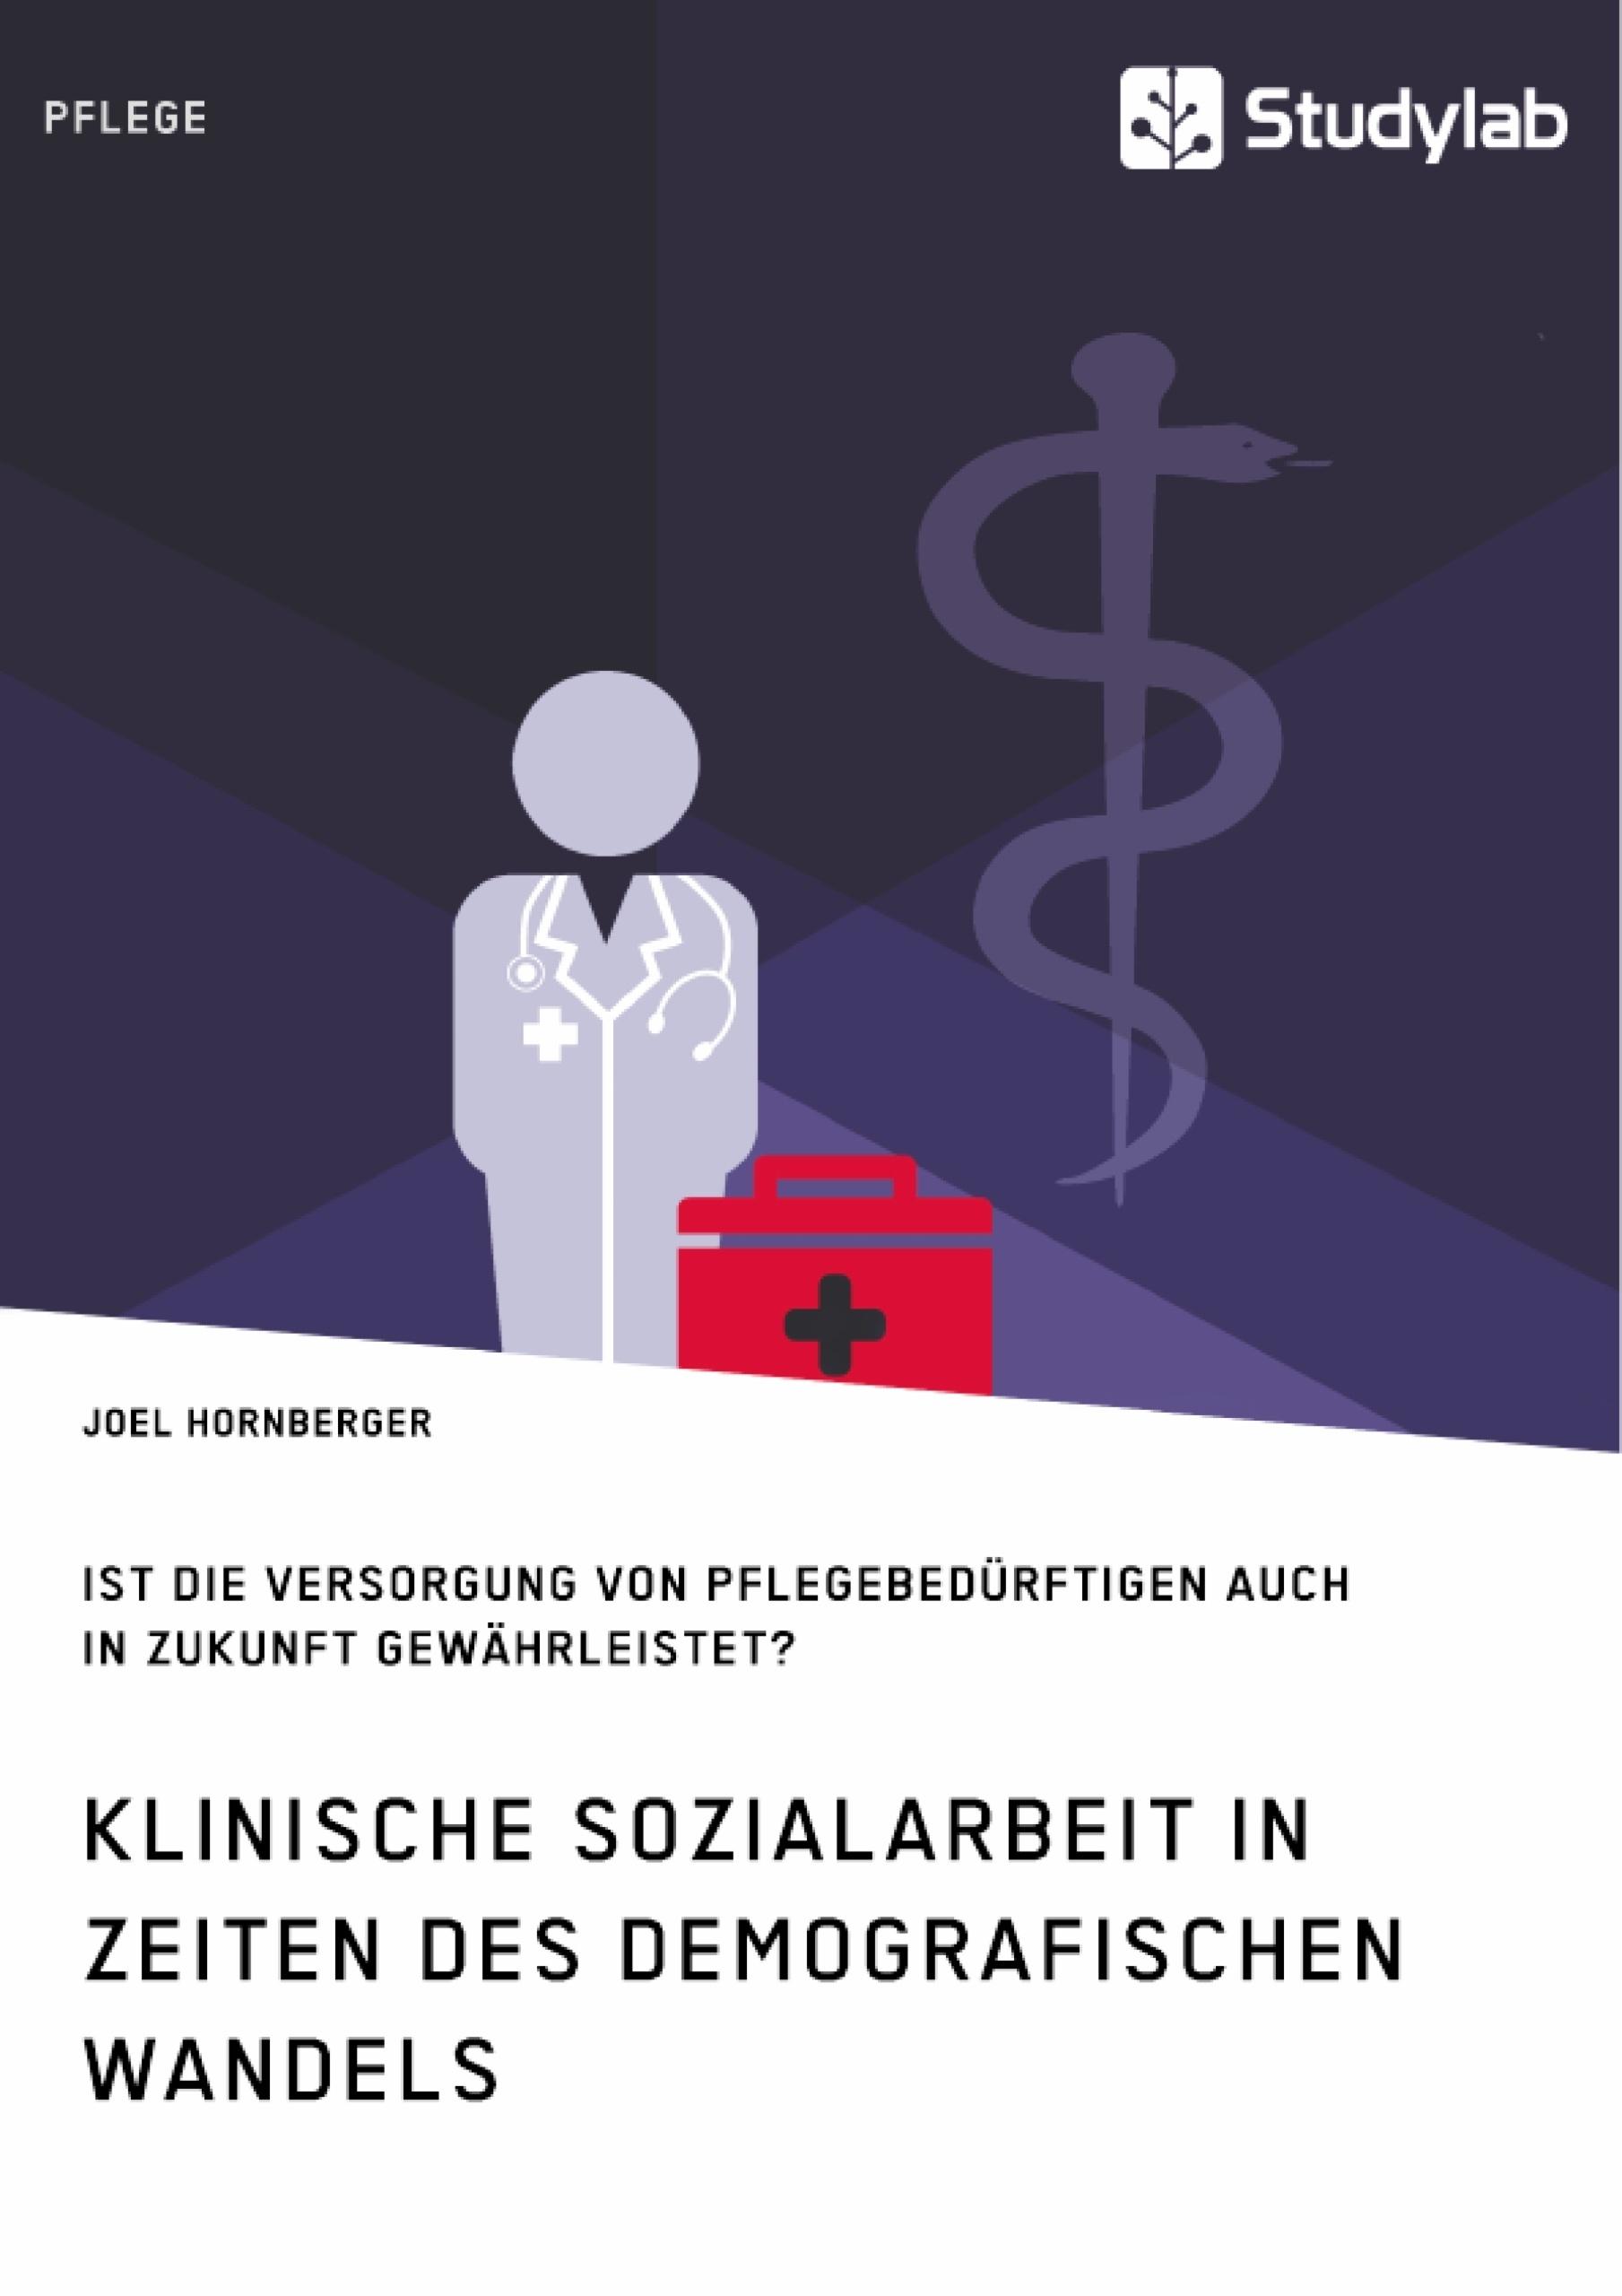 Titel: Klinische Sozialarbeit in Zeiten des demografischen Wandels. Ist die Versorgung von Pflegebedürftigen auch in Zukunft gewährleistet?